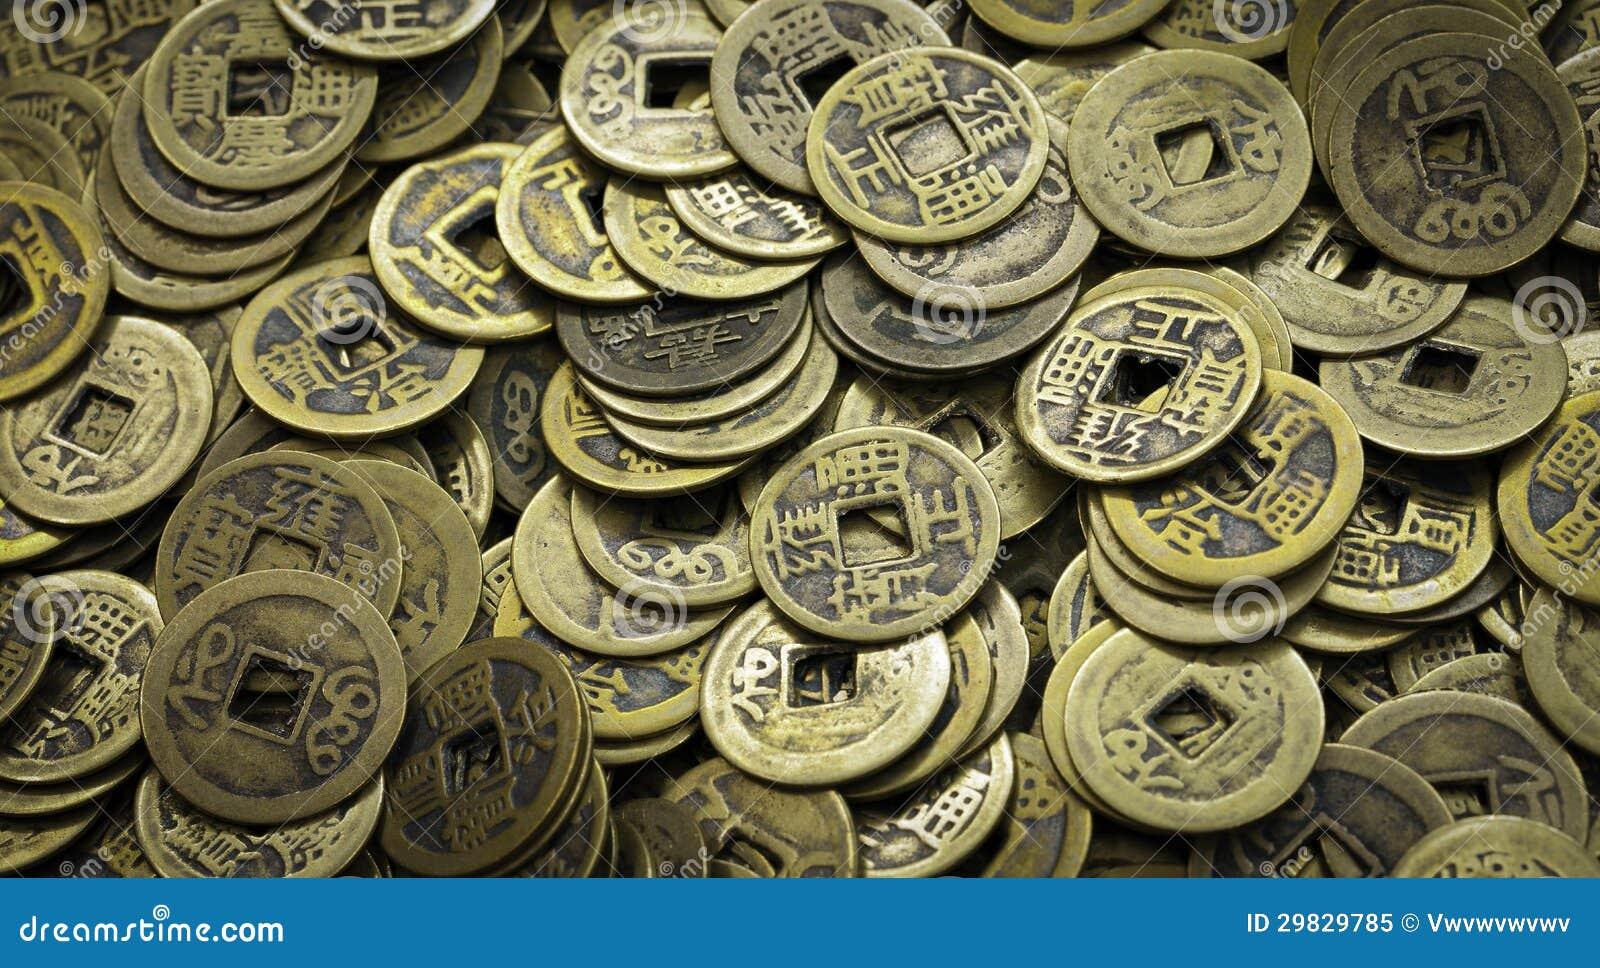 Alte Chinesische Münzen Stockbild Bild Von Antiken Zirkulation